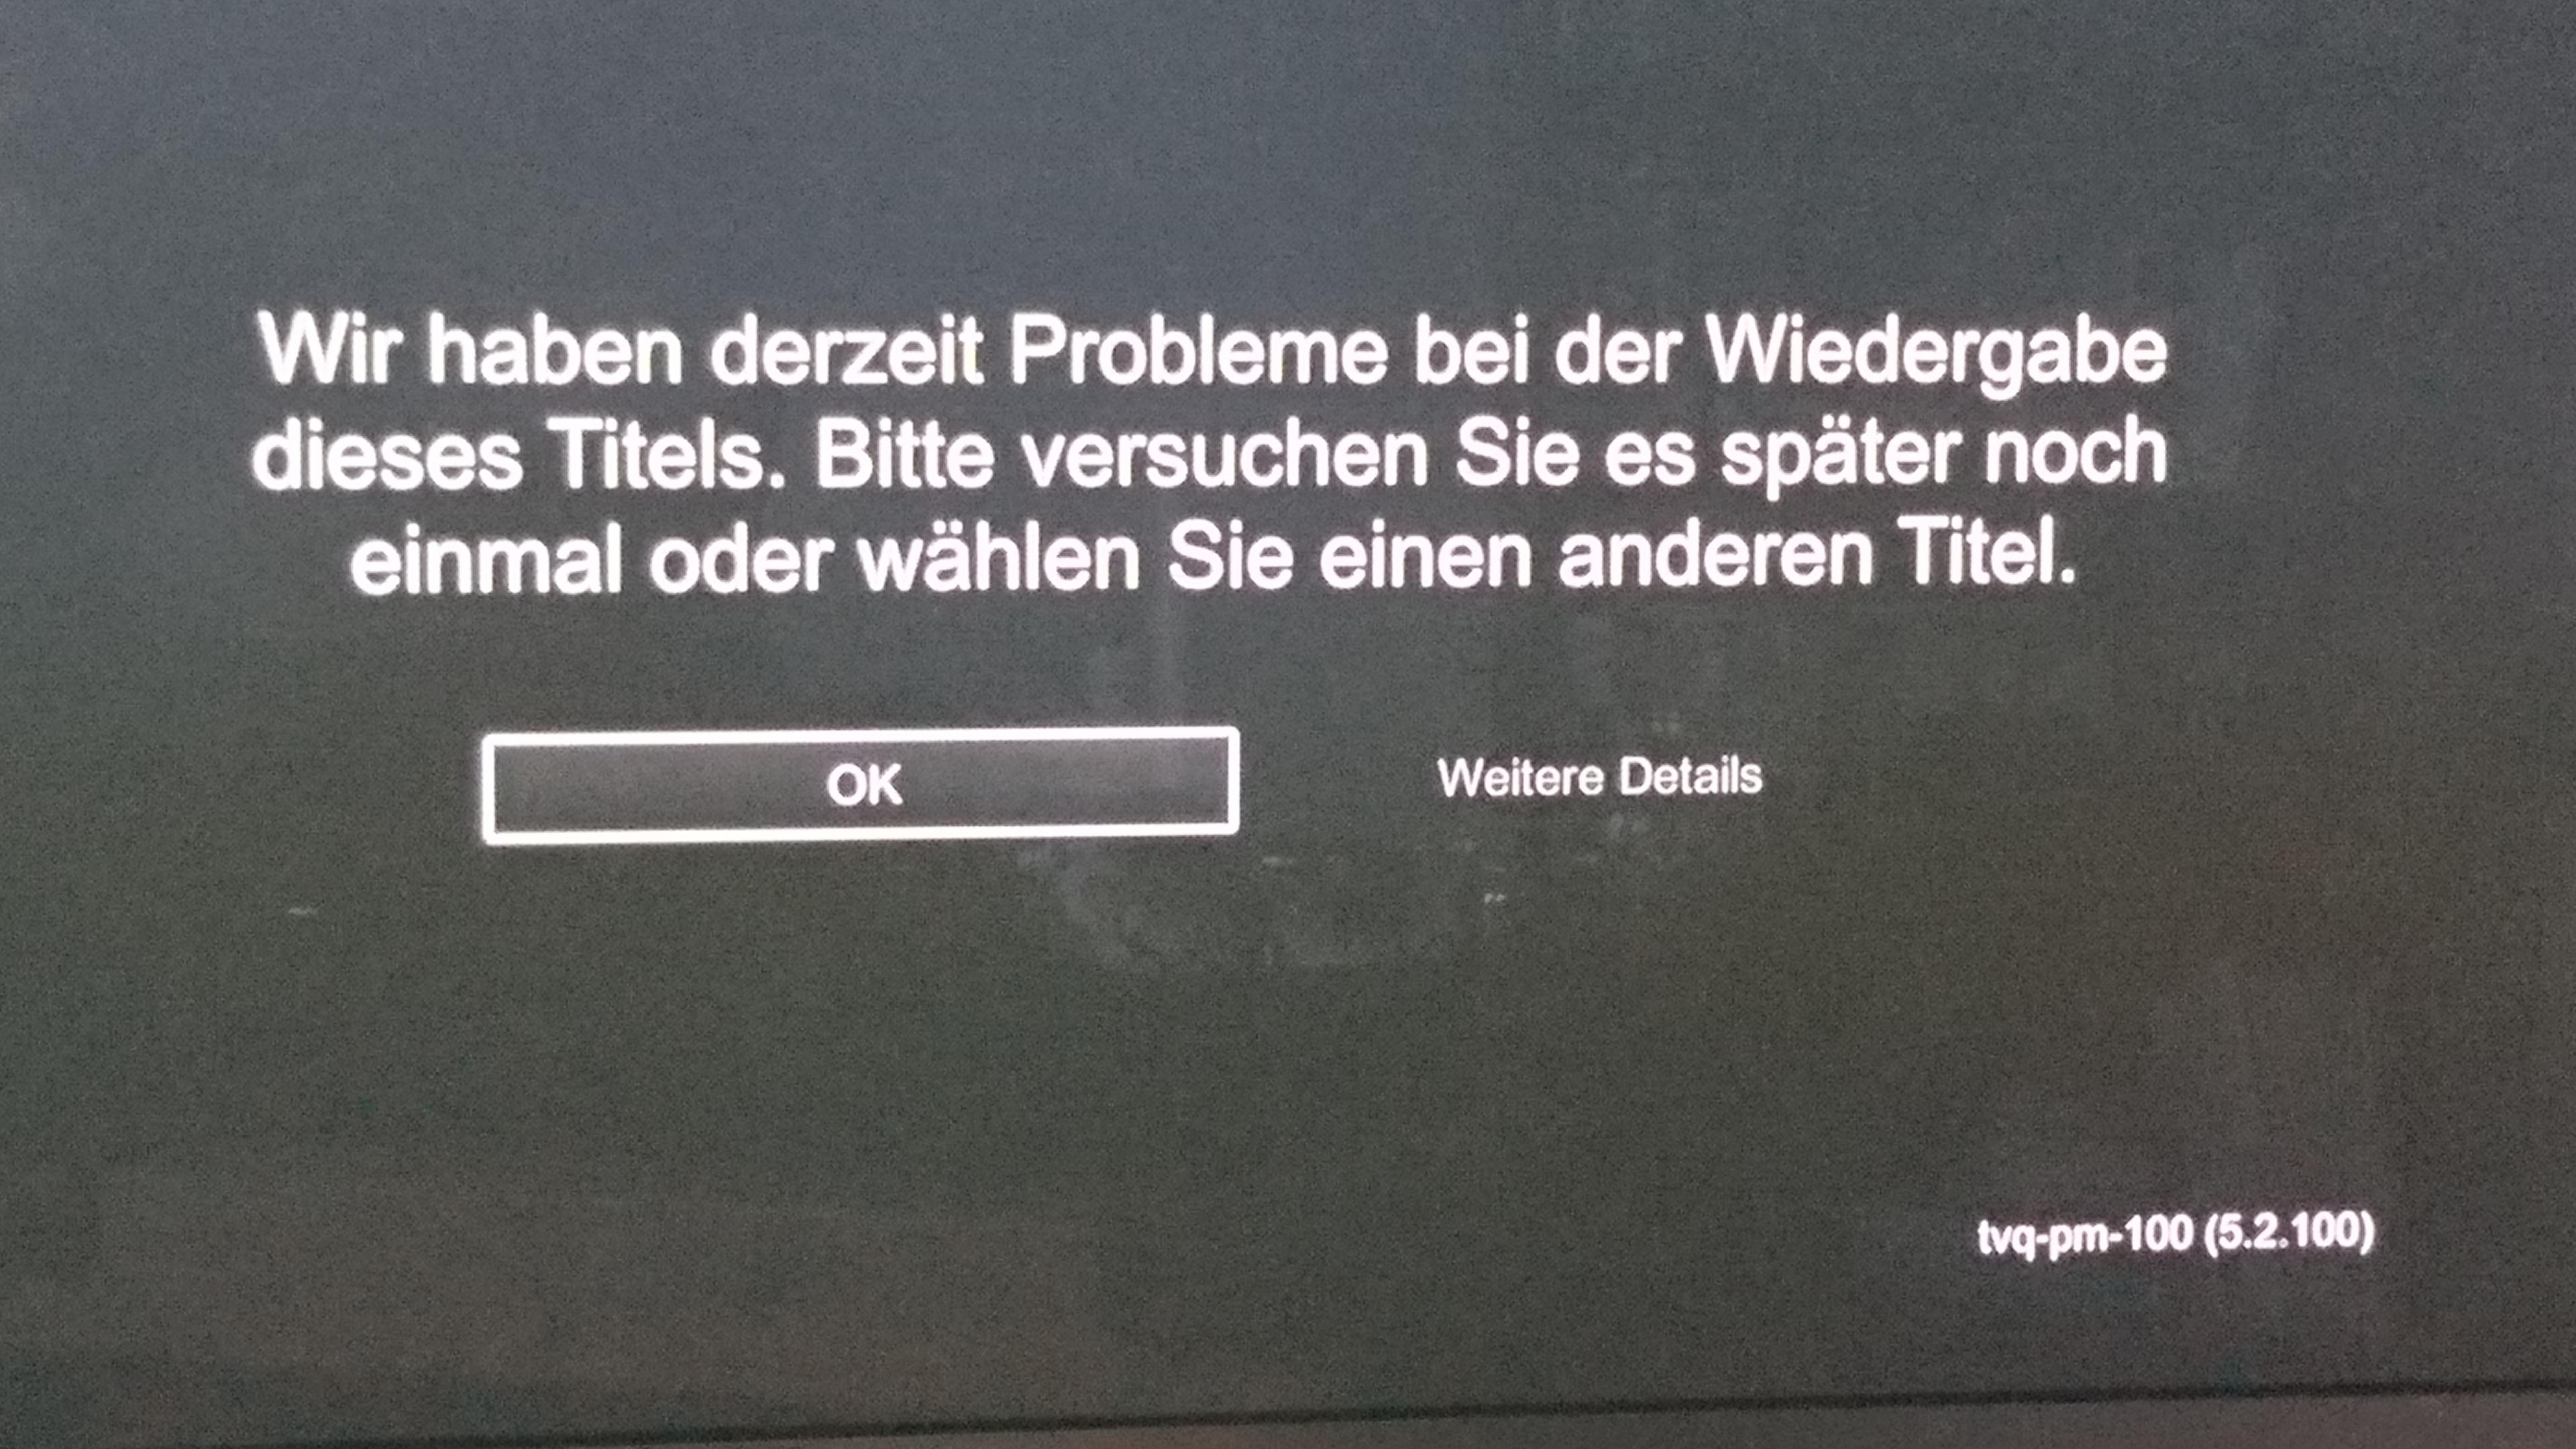 Community Aw Netflix Fehlermeldung Mit Mr 401 Tvq Pm 100 5